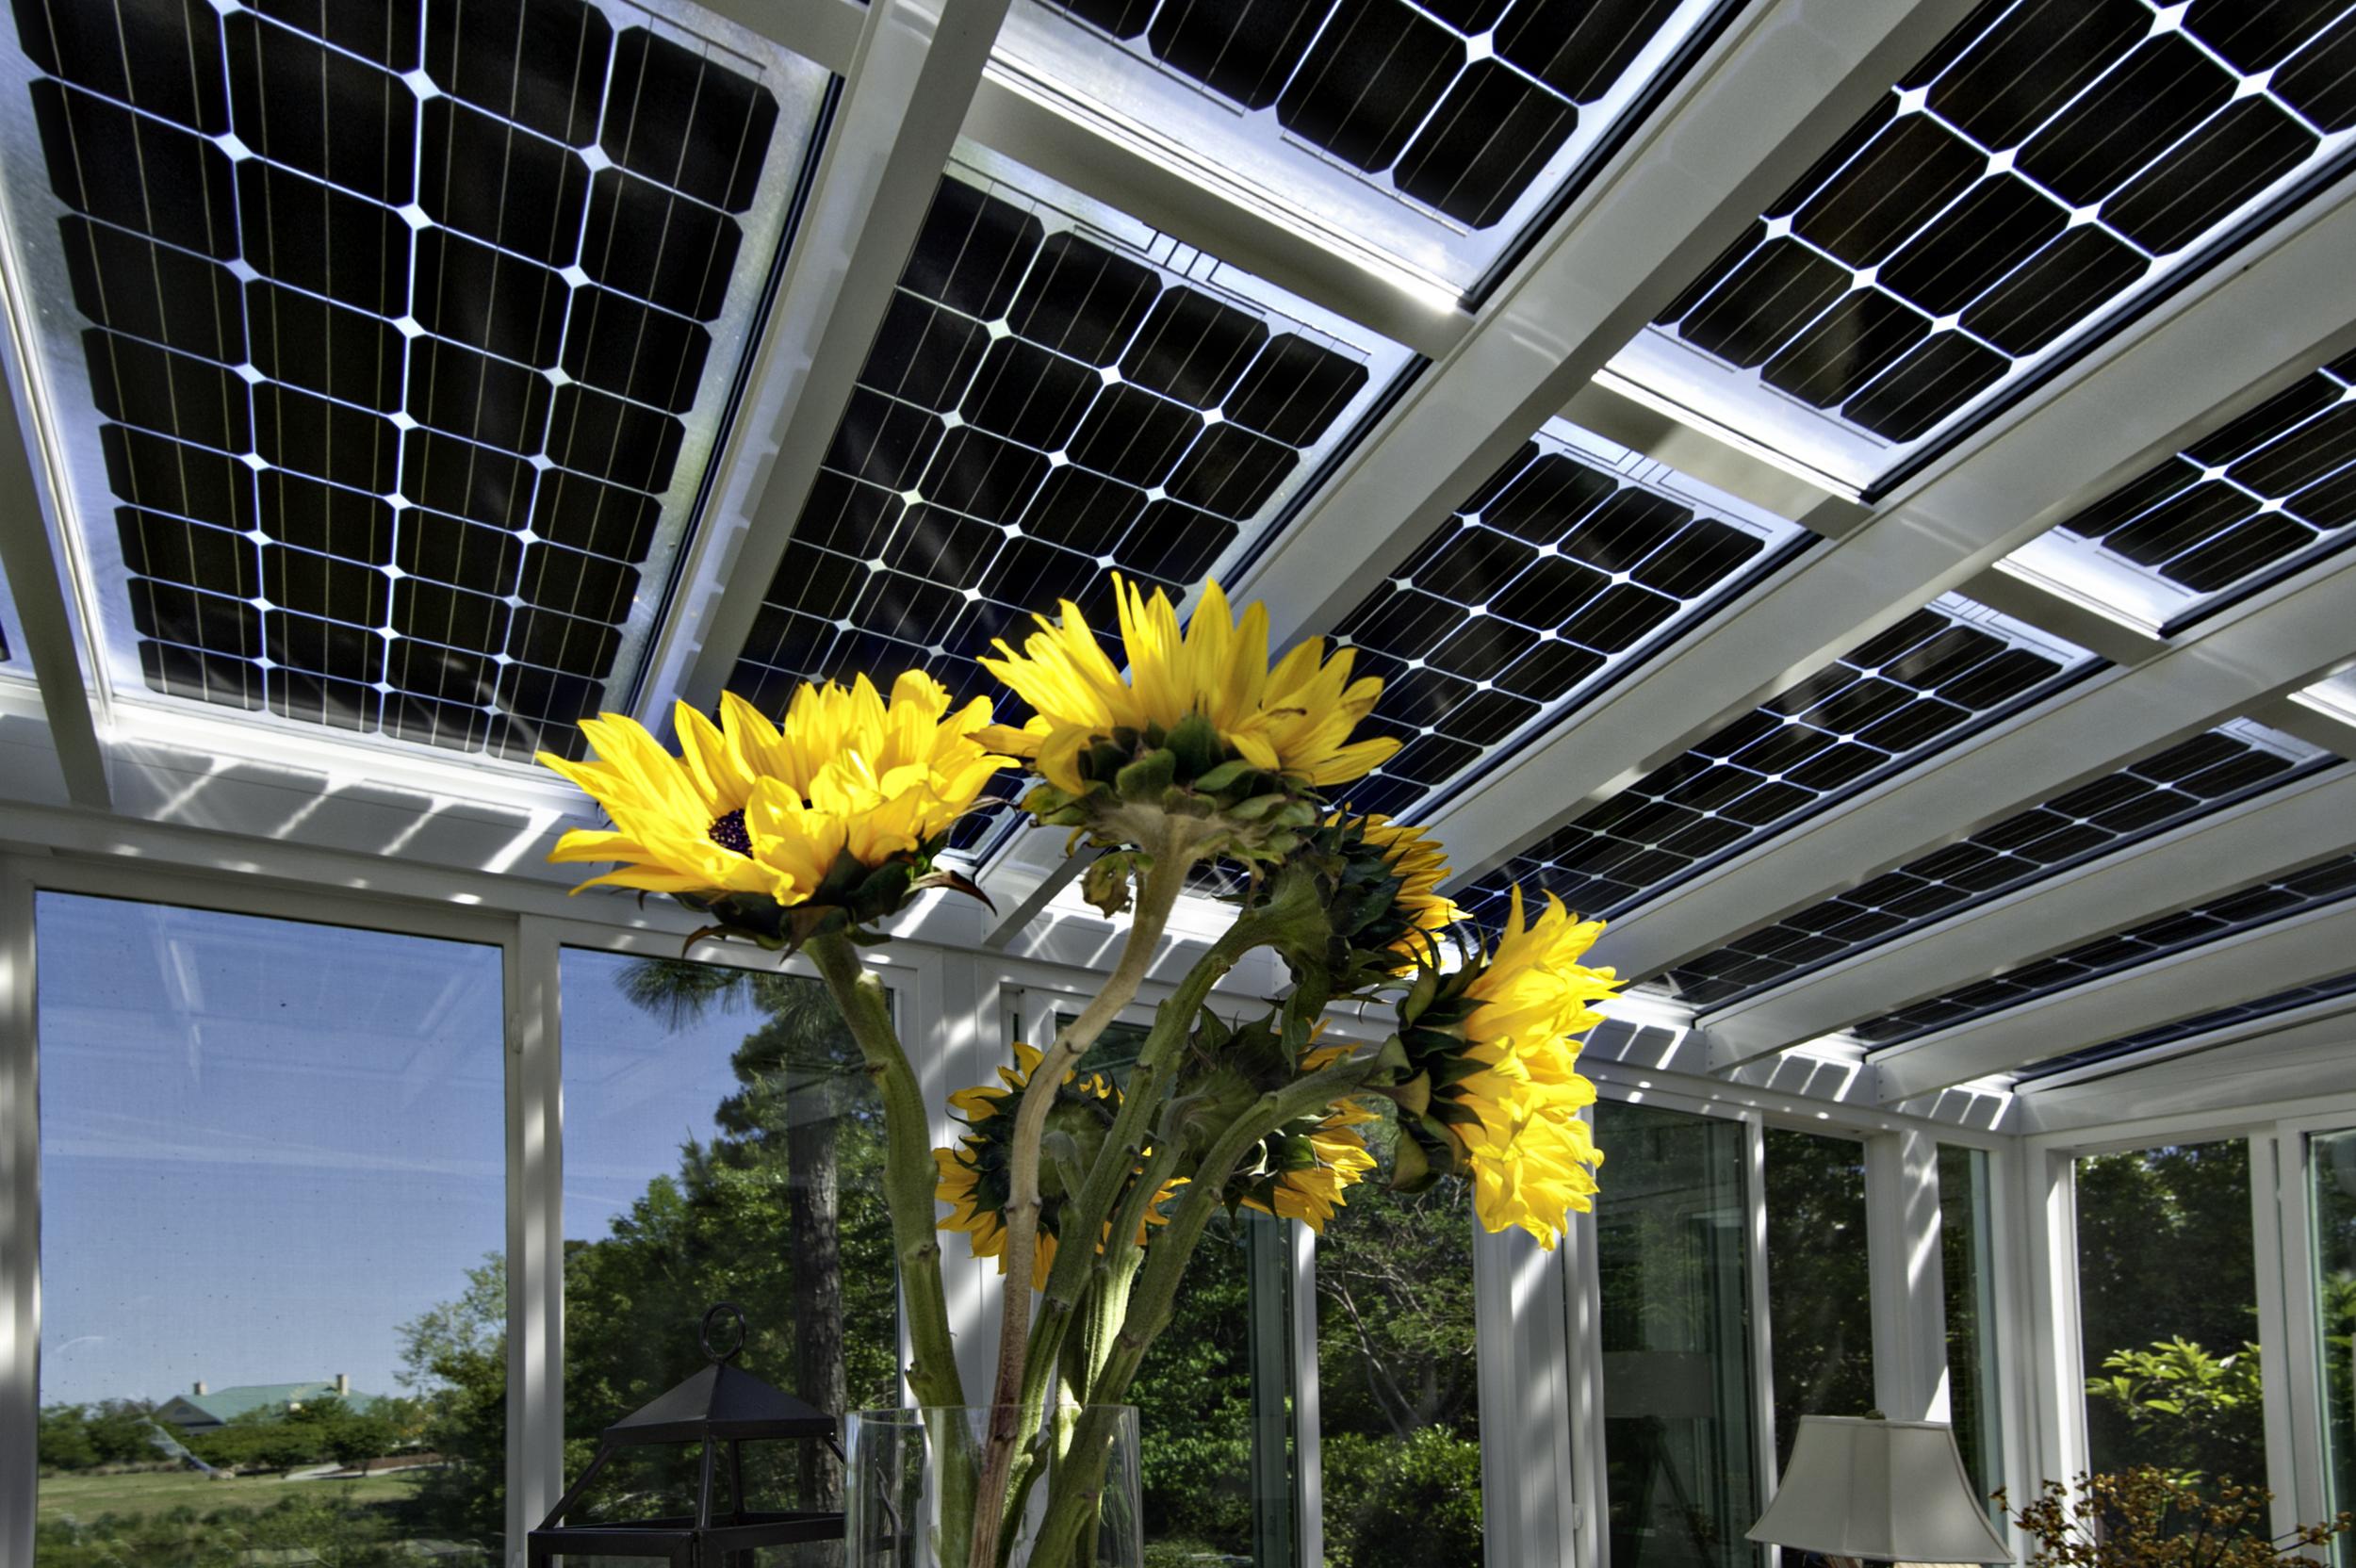 Vijf redenen waarom zonnepanelen interessant zijn